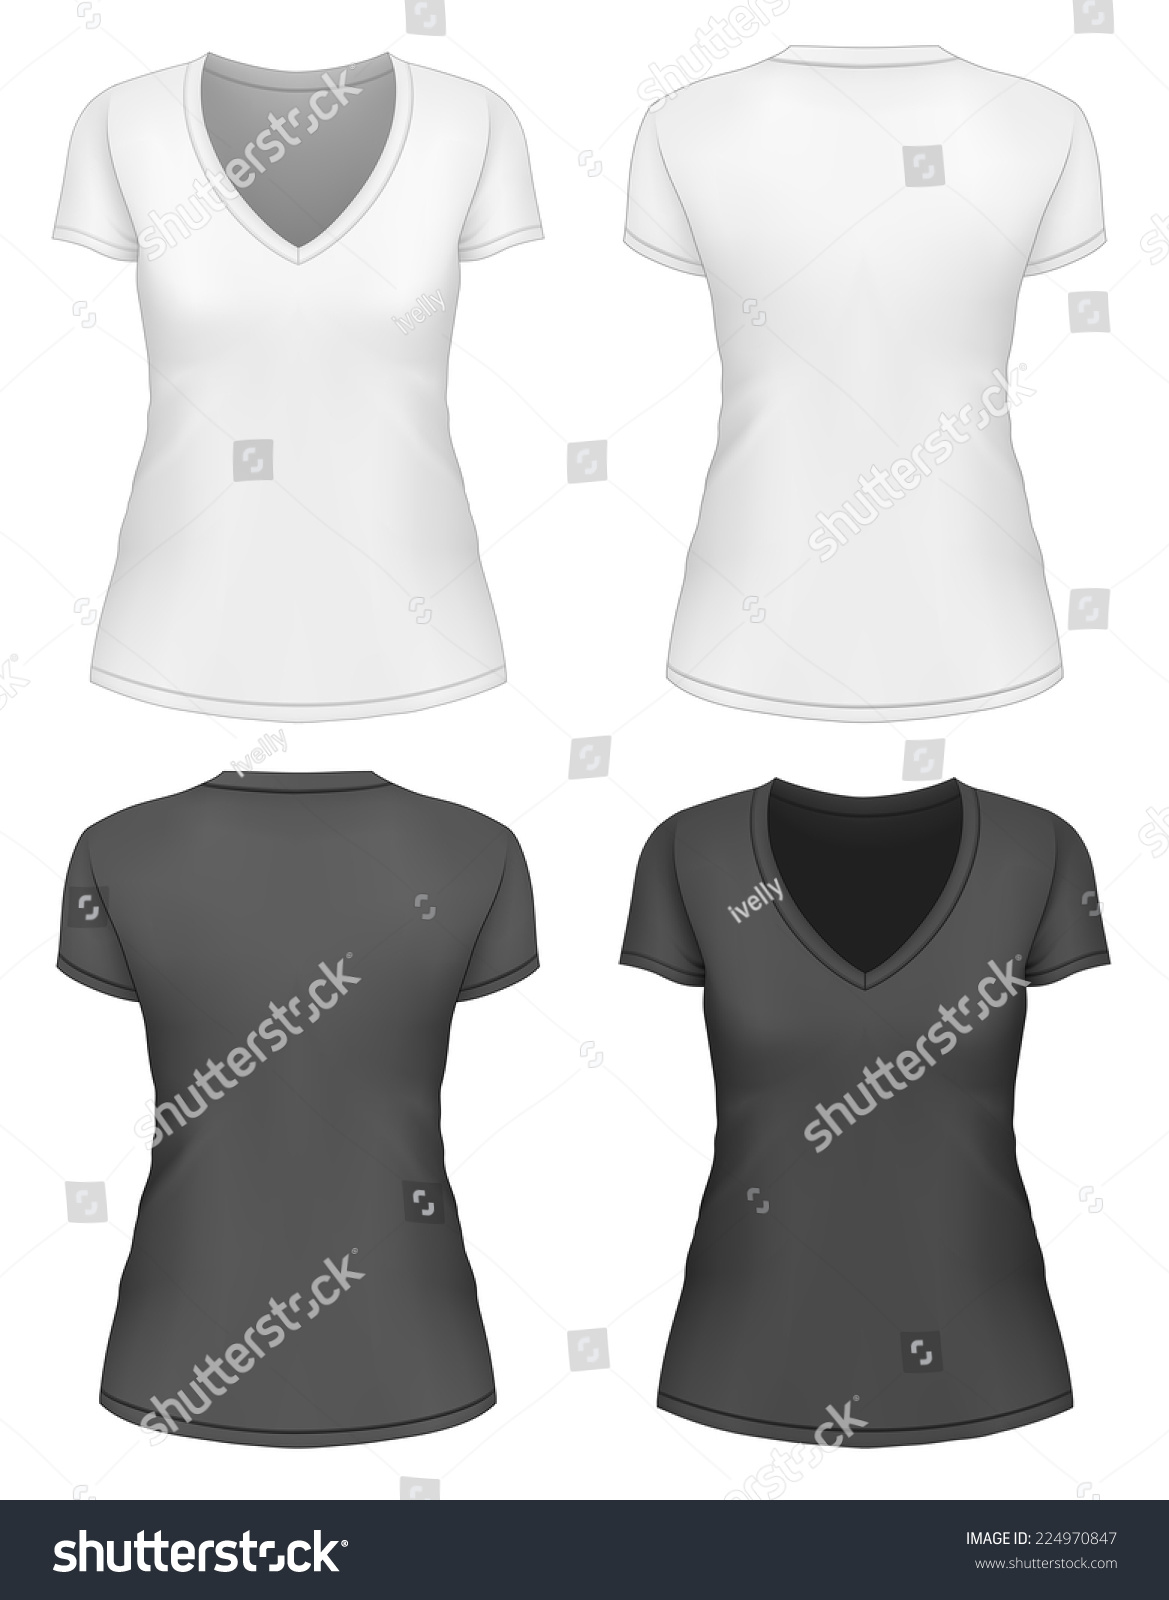 Collar t shirt template vector